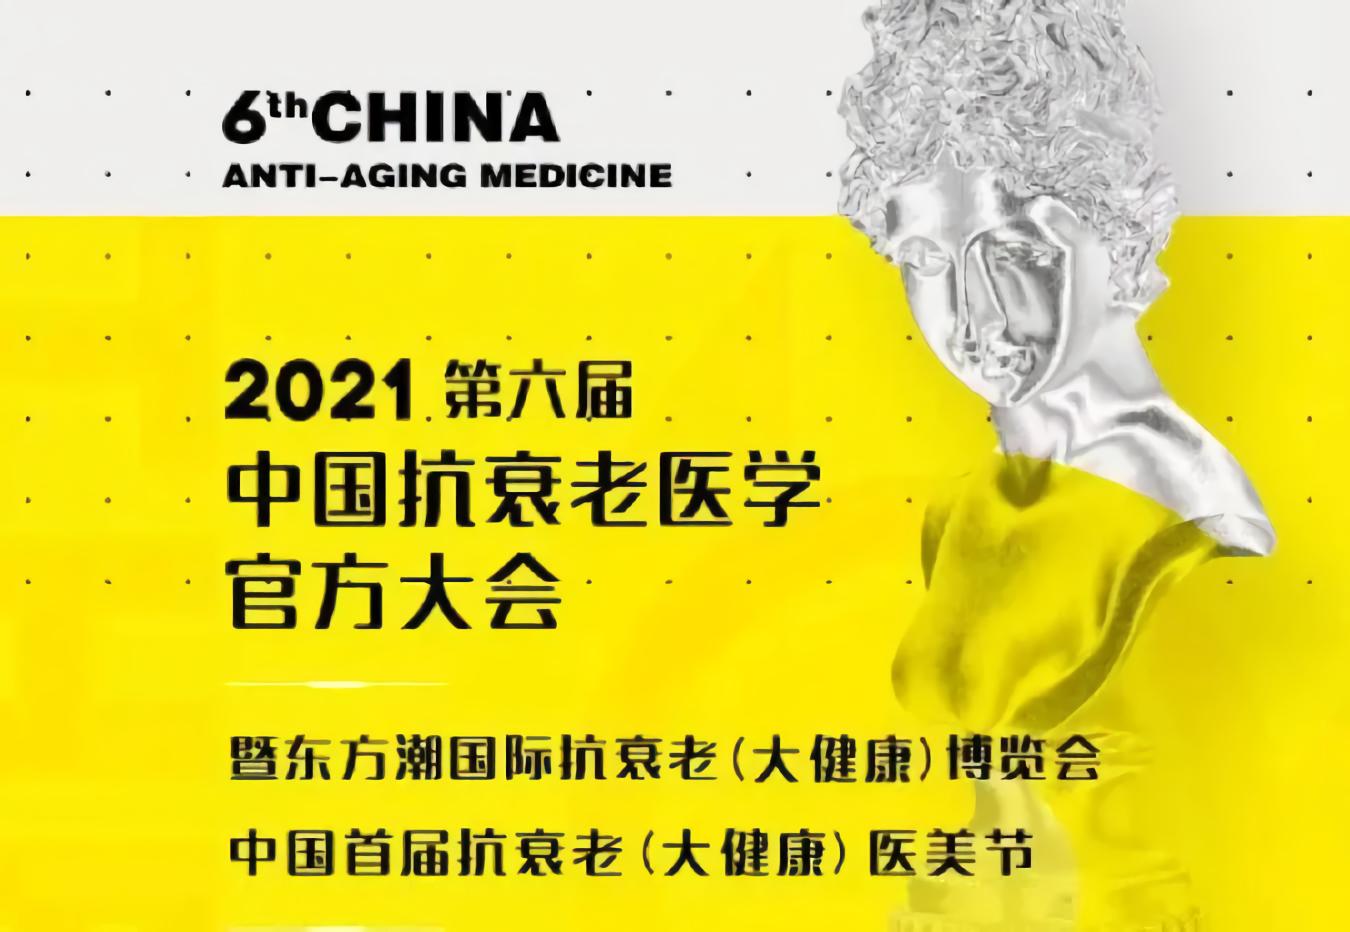 微盛·企微管家携手企业微信参加2021第六届中国抗衰老医学(官方)大会